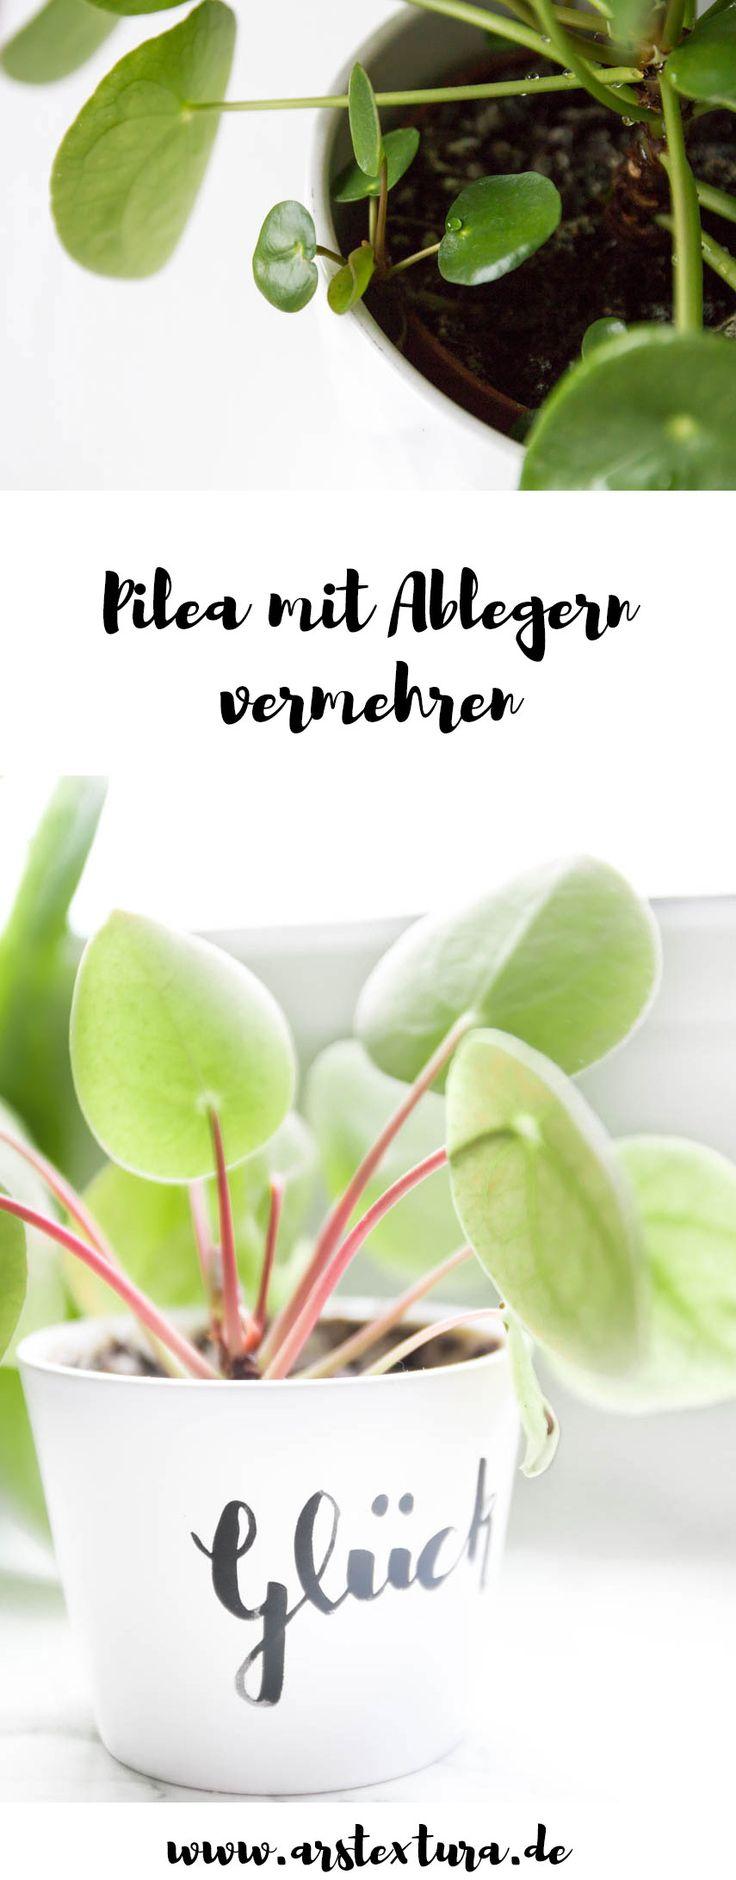 Pilea vermehren und verschenken - Ufopflanze mit Ablegern vermehren mit Anleitung